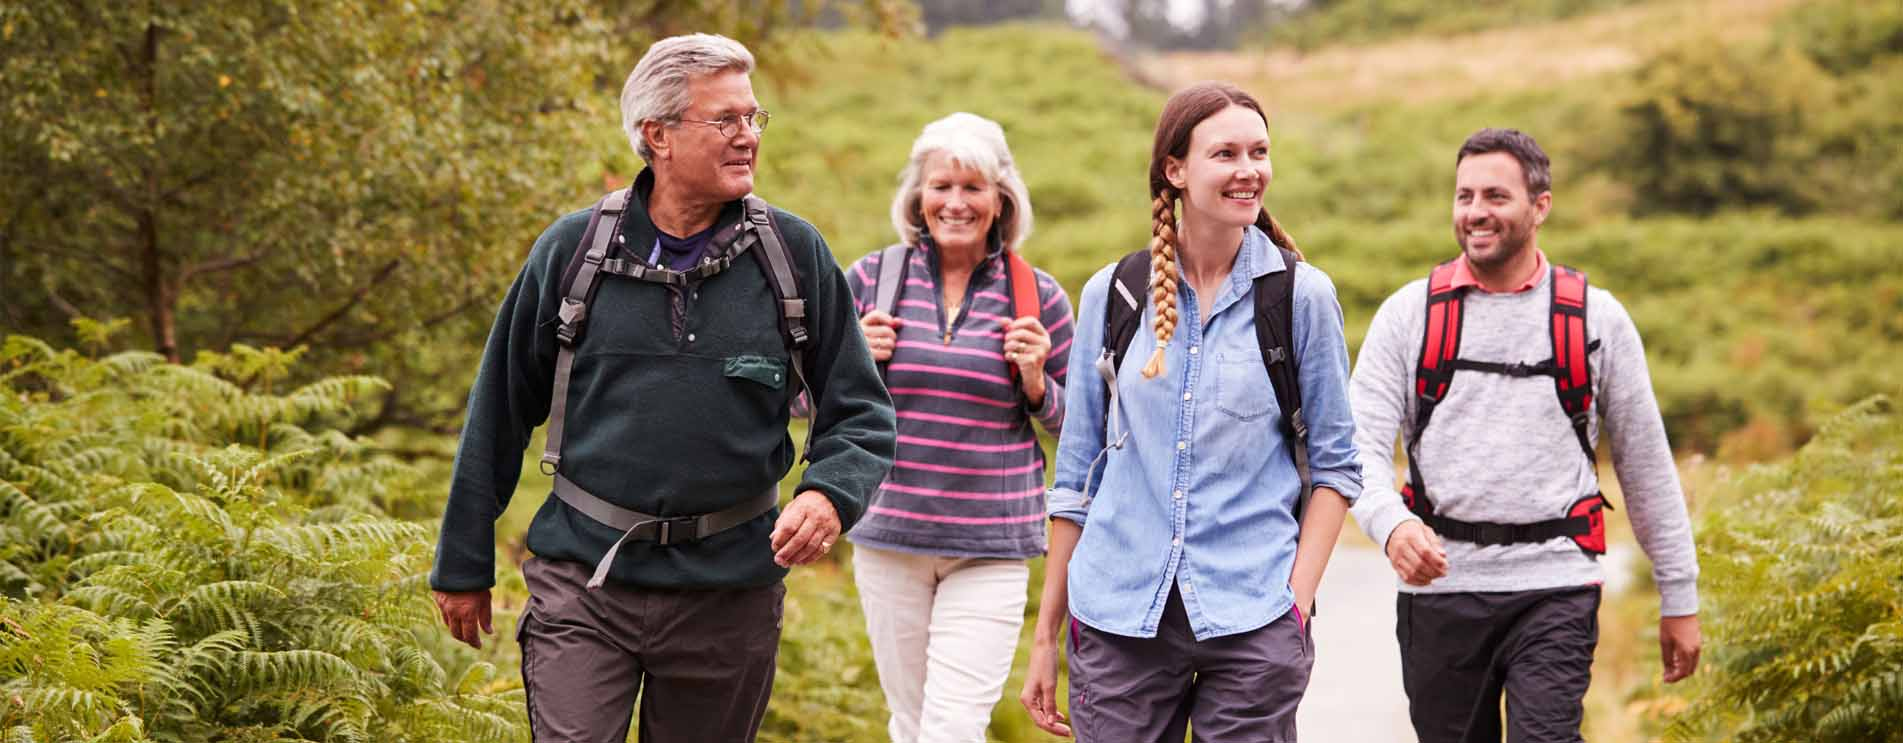 Alleine verreisen – gemeinsam erleben: Wanderferien und Reisen für Singles und Alleinreisende - gemeinsam statt einsam